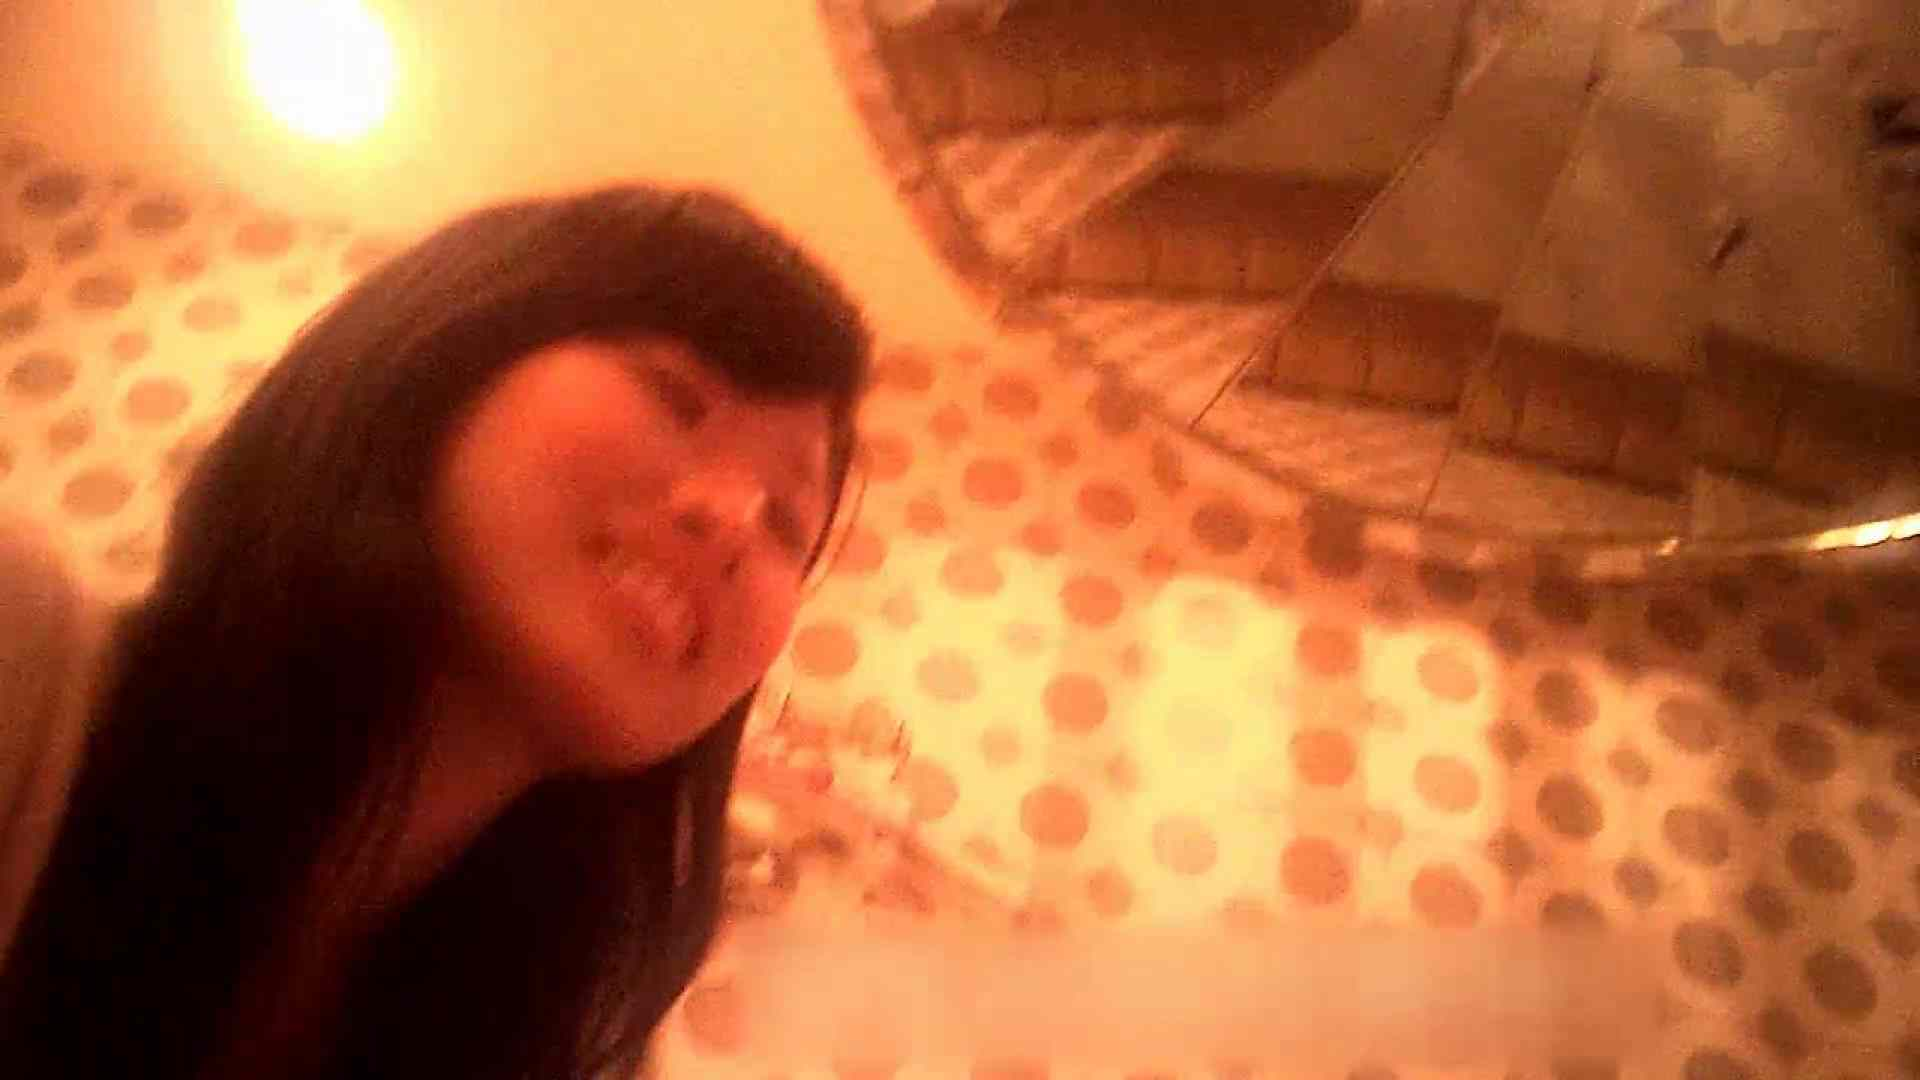 ▲2017_13位▲ 学園アイドル美人女子大生❷(下巻)5人詰合せVol.50 むっちり セックス無修正動画無料 70画像 58